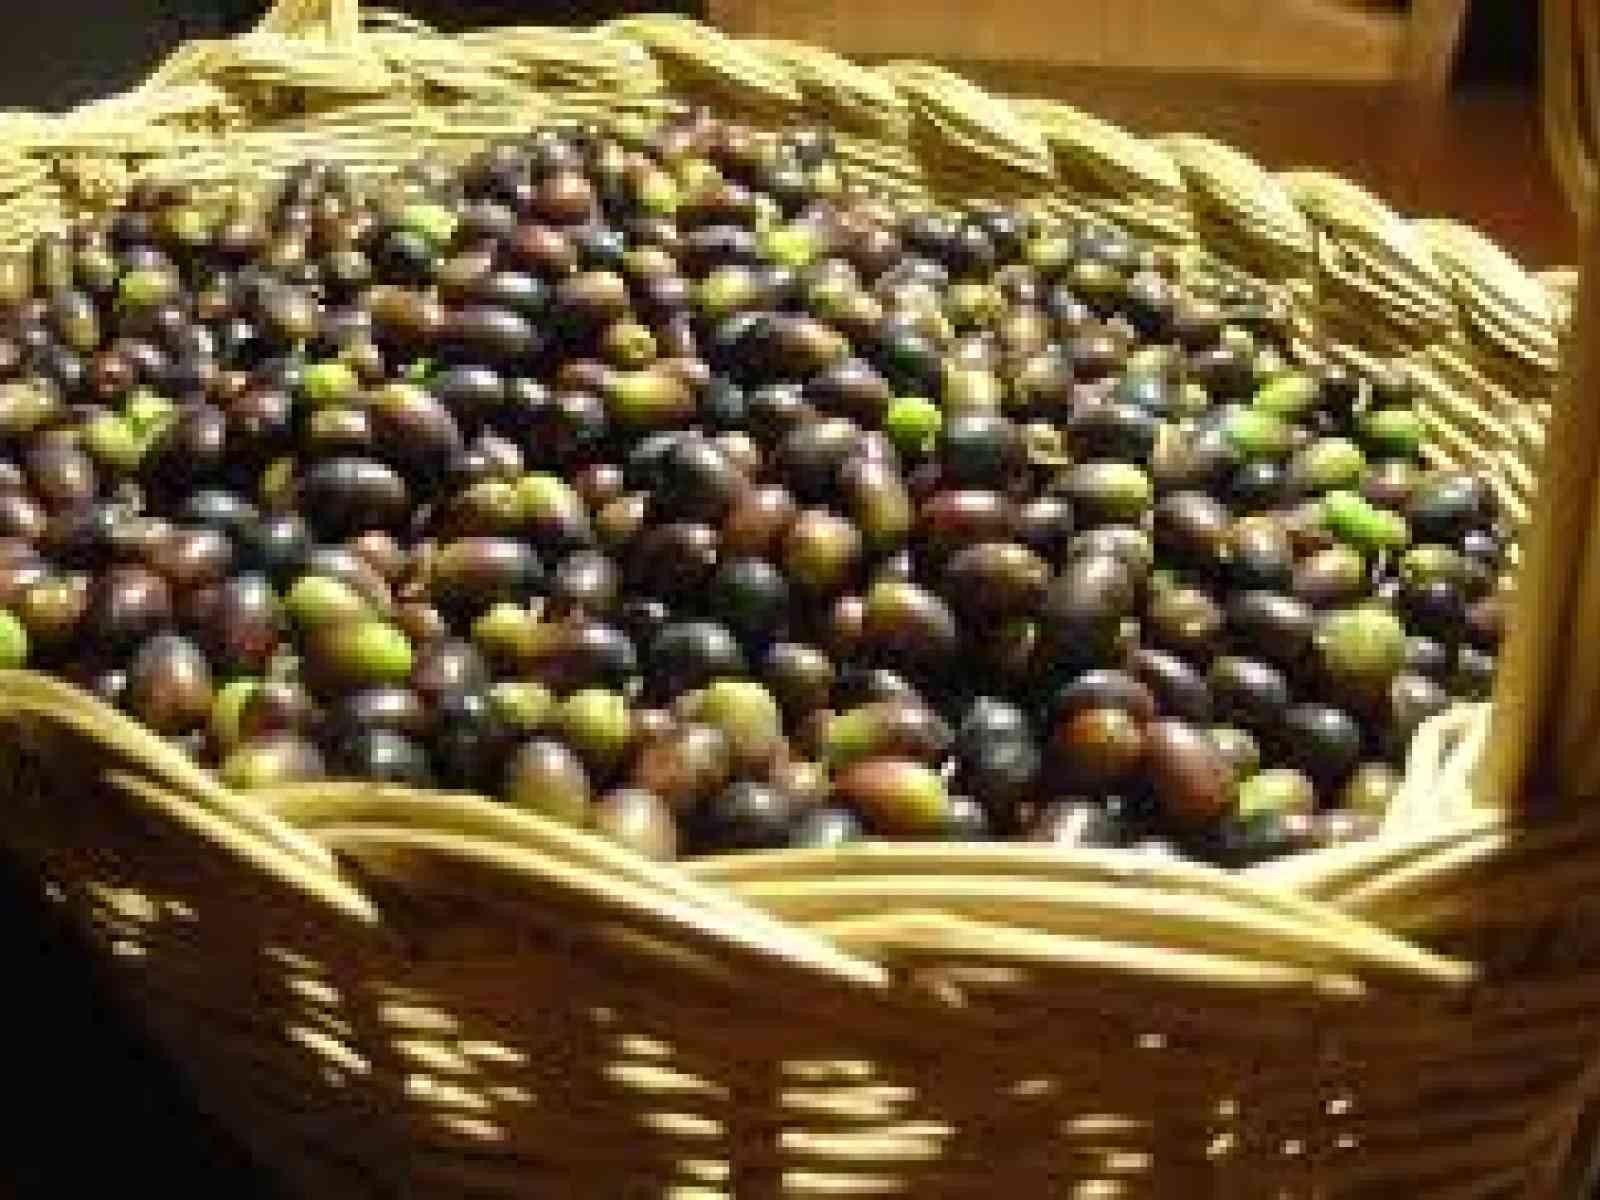 Prova di raccolta olive con  con vibratore da tronco e parete intercettatrice, indetta dalle Aziende agricole Planeta.